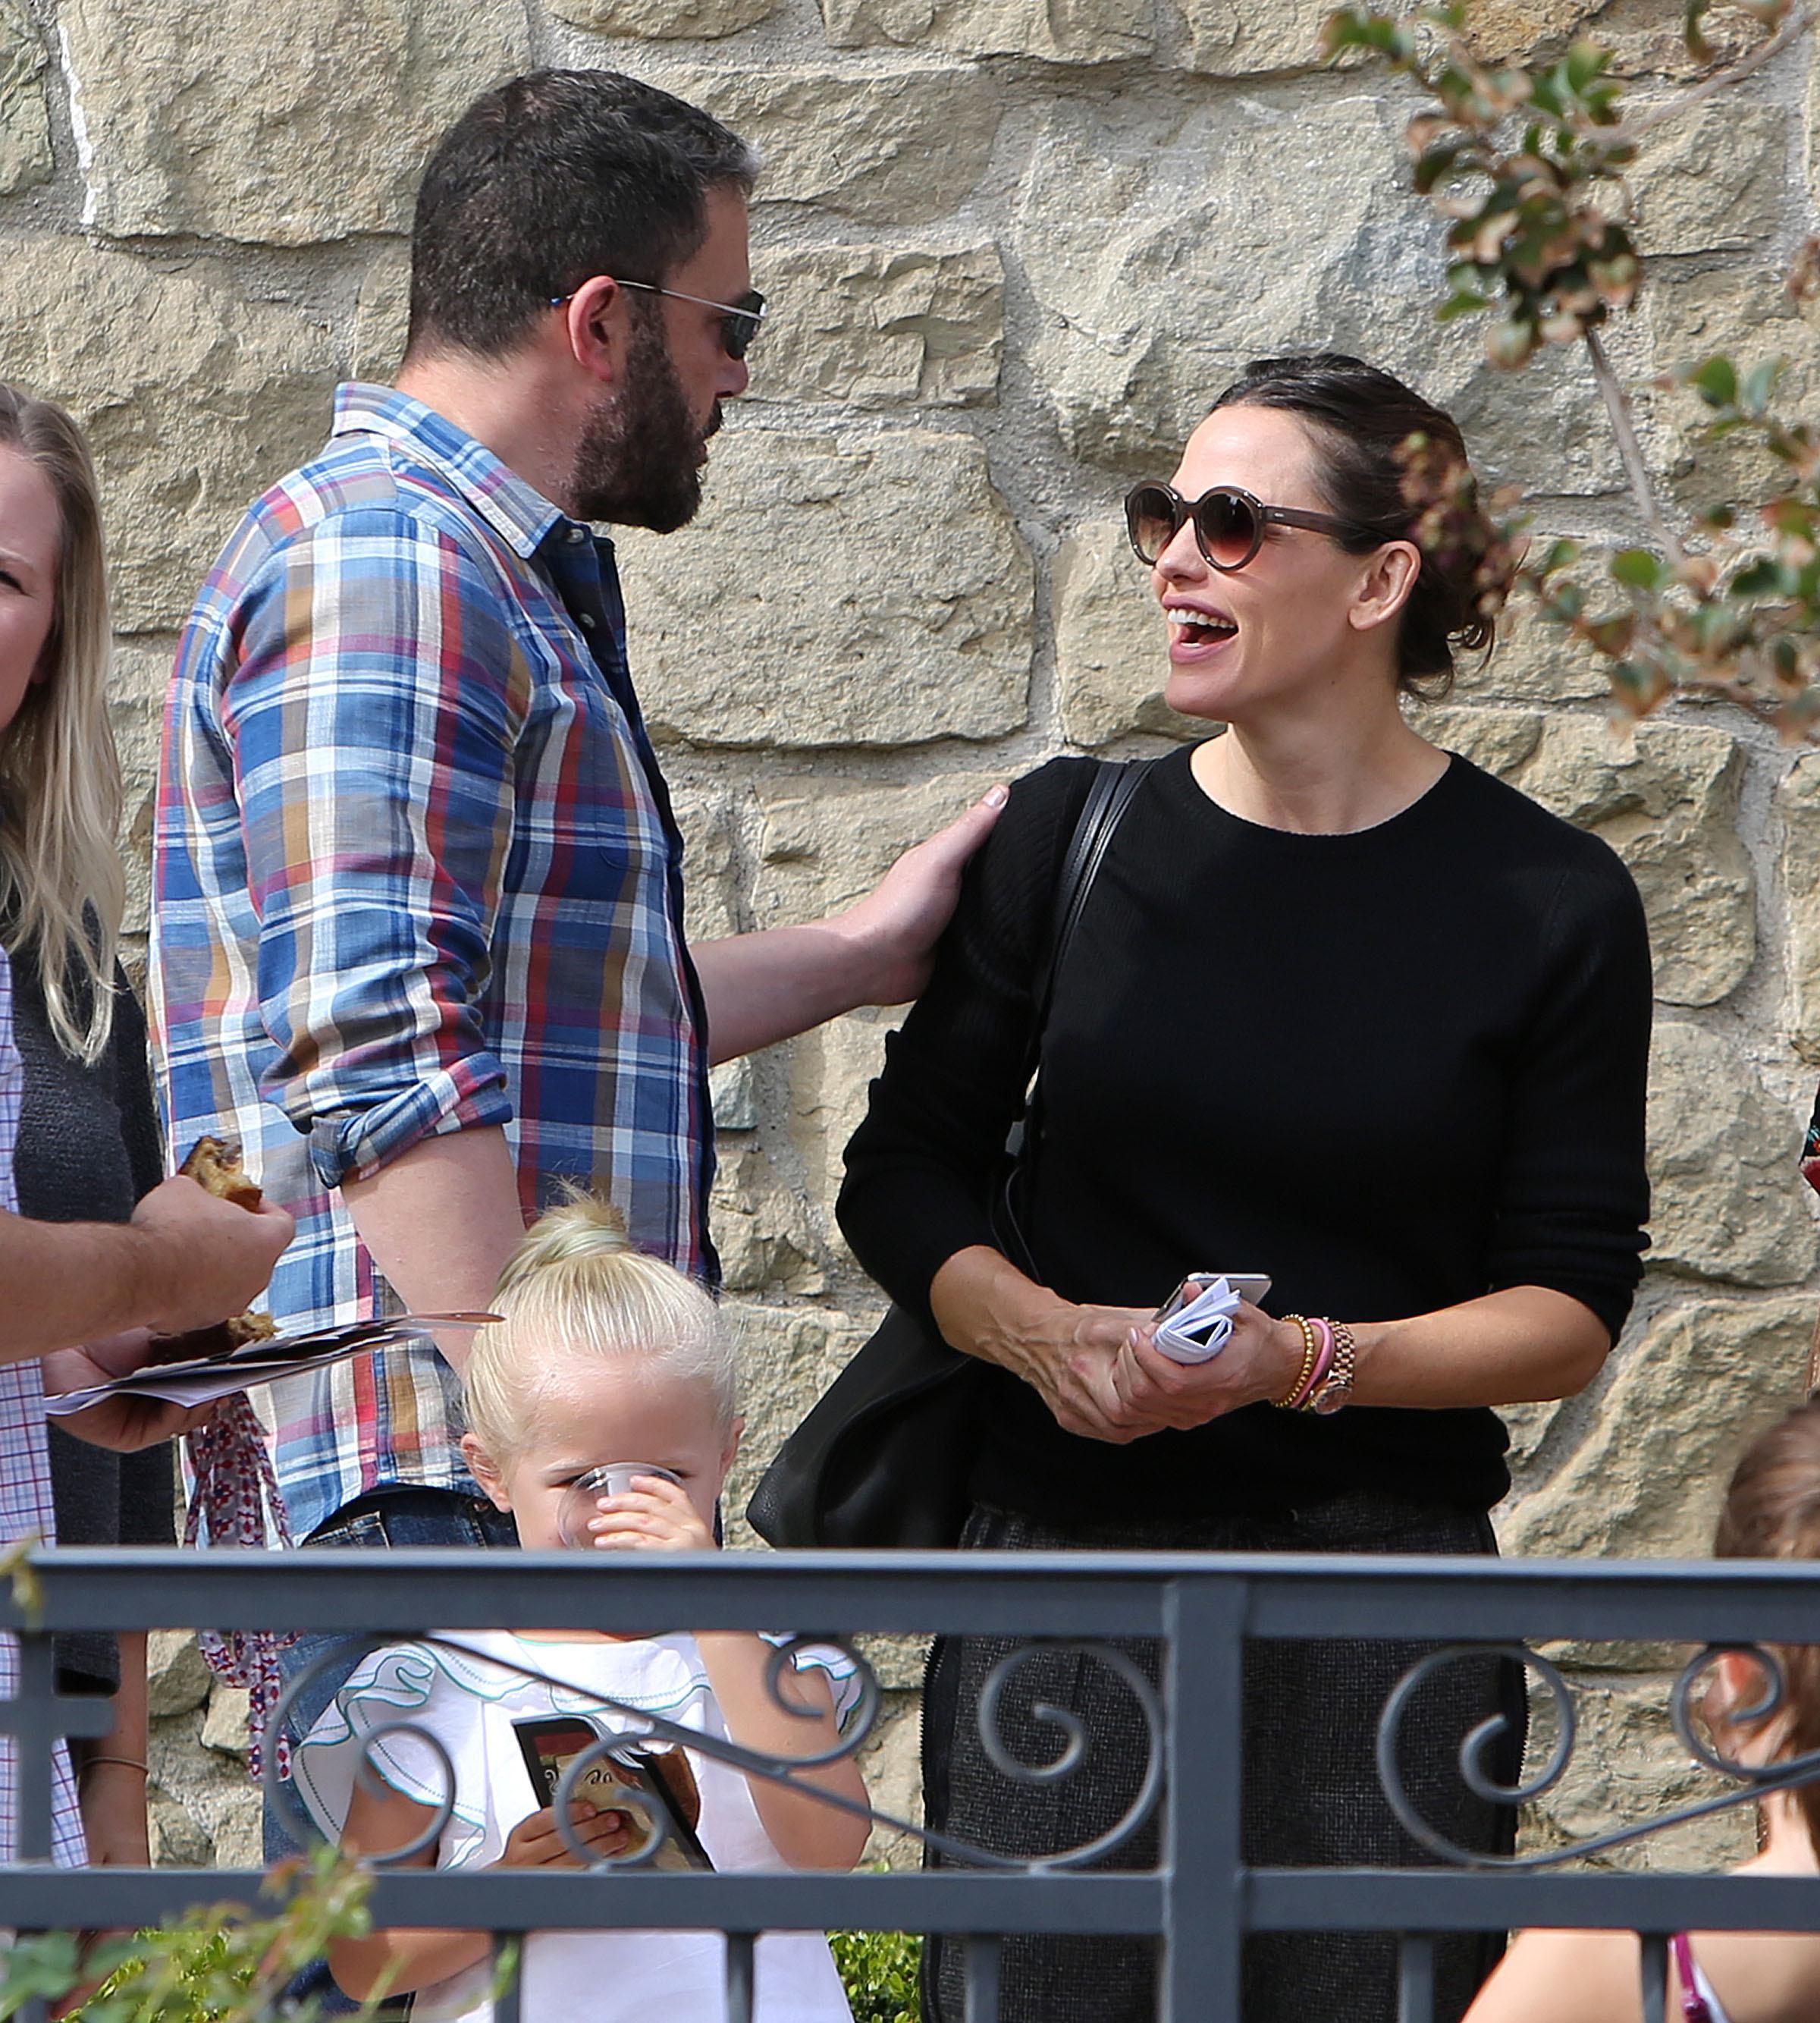 Ben Affleck and Jennifer Garner leave church service in Los Angeles on Nov. 4, 2018.